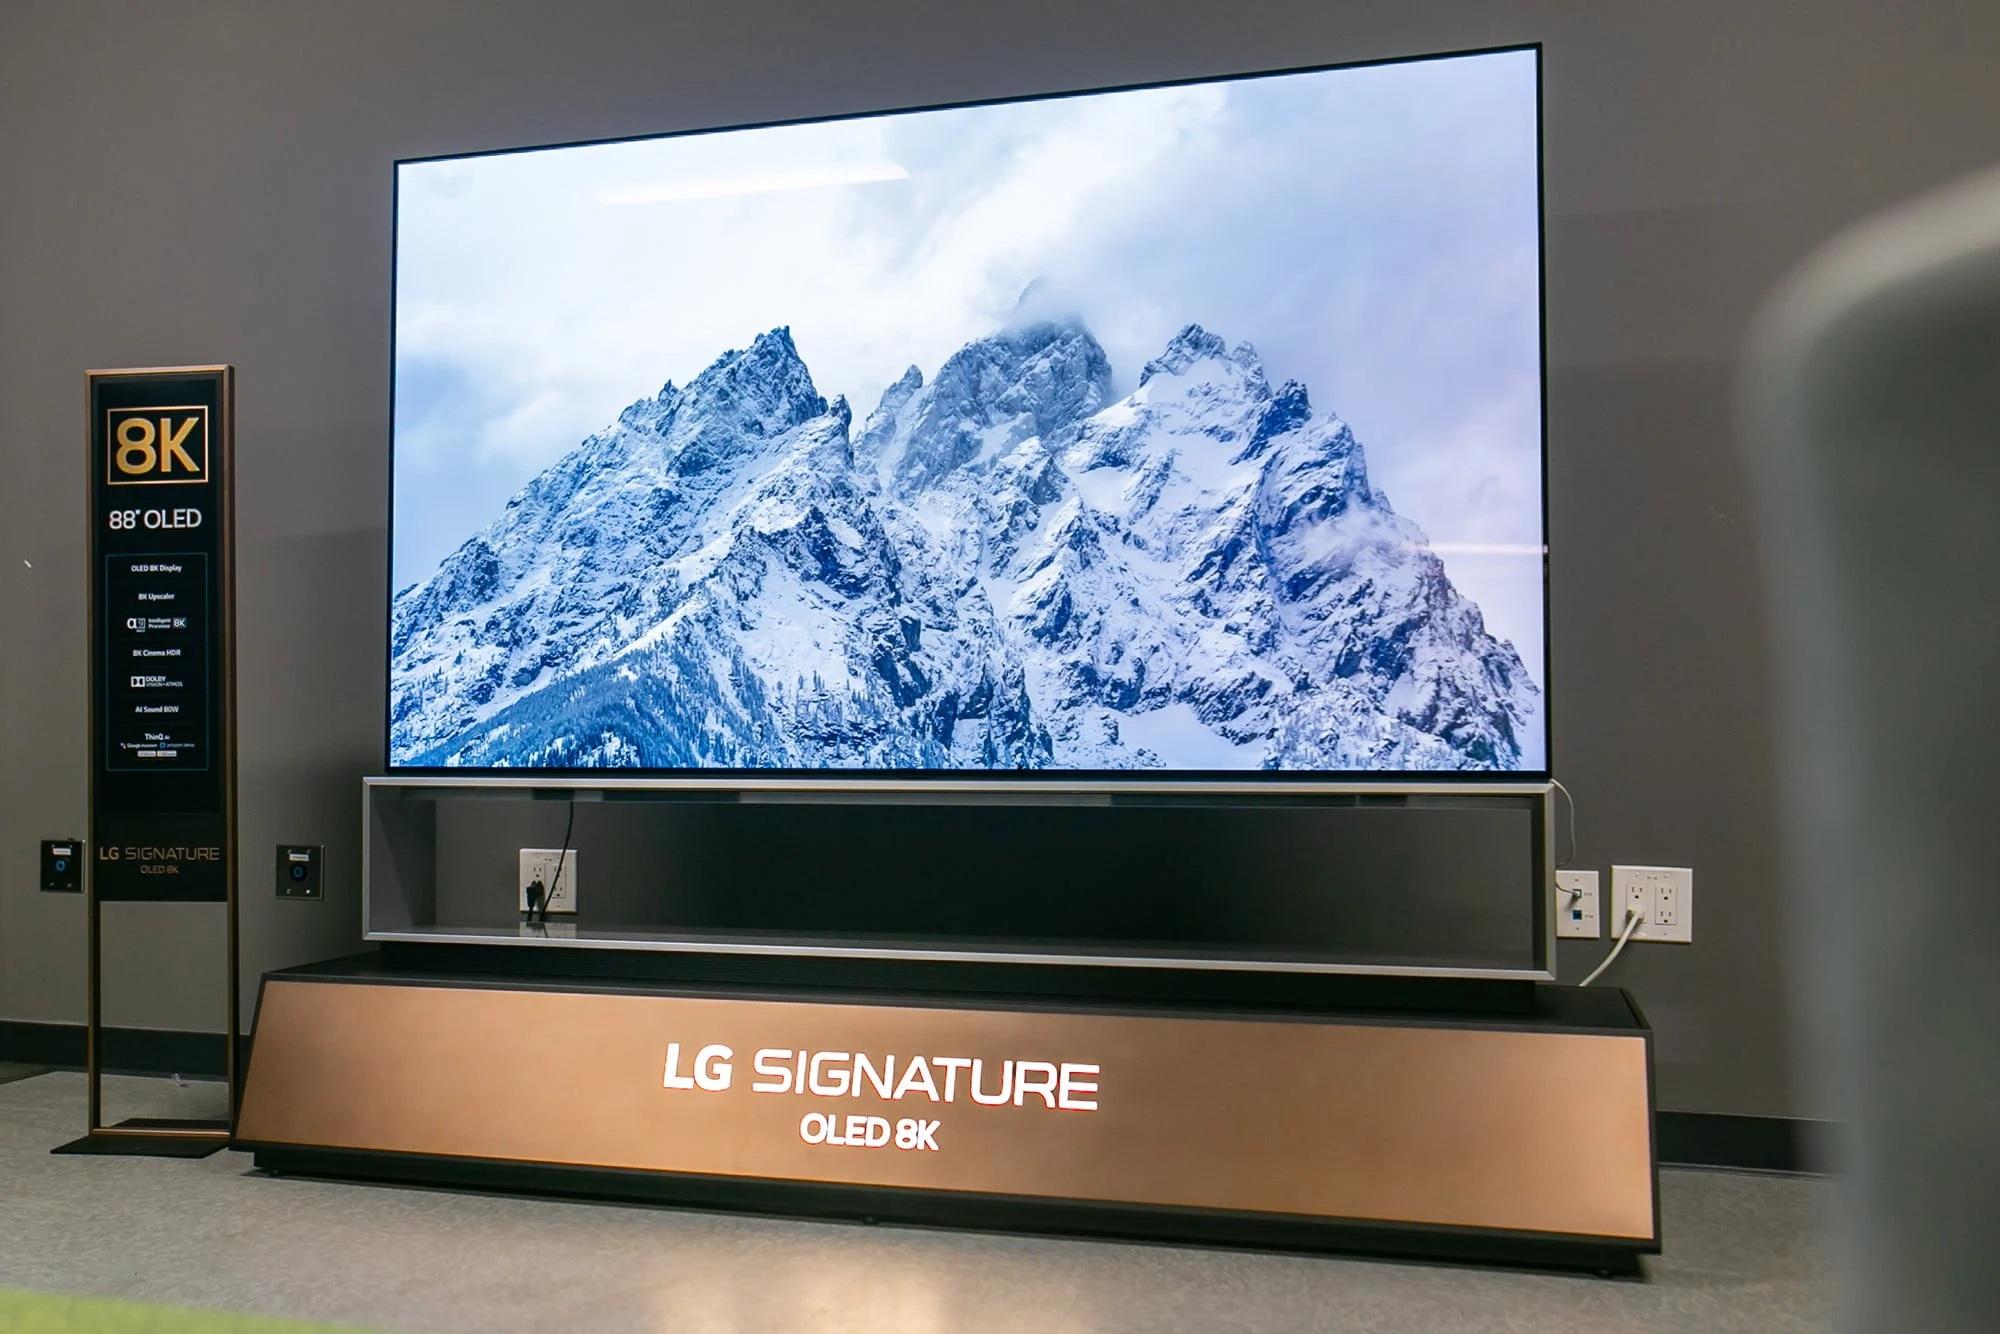 Представлены LGOLED 8K: огромные 120-герцовые телевизоры поцене от1,7 млн рублей